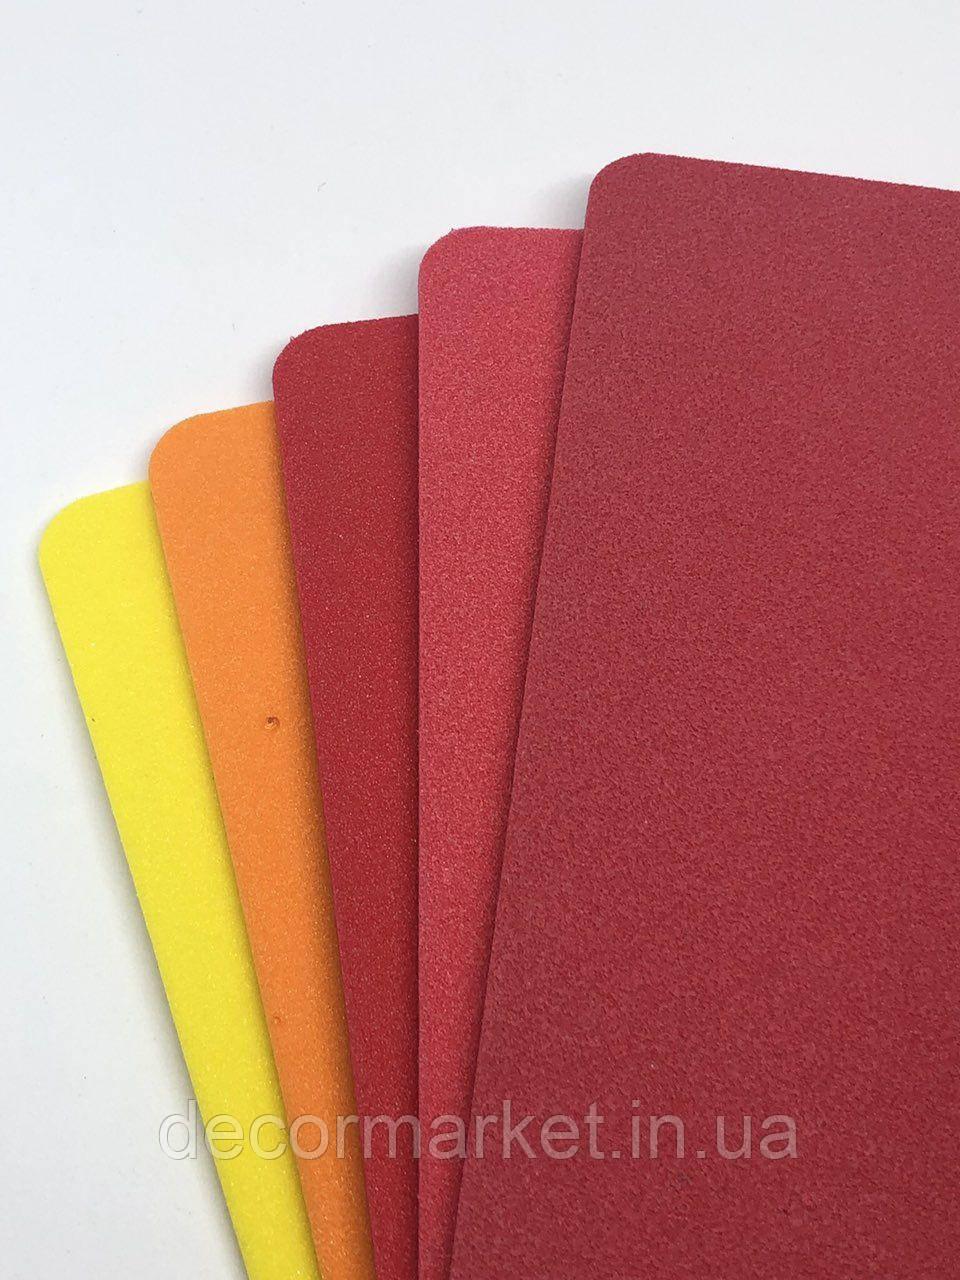 Фоамиран ЕВА 2мм красный лист 1,50х1м